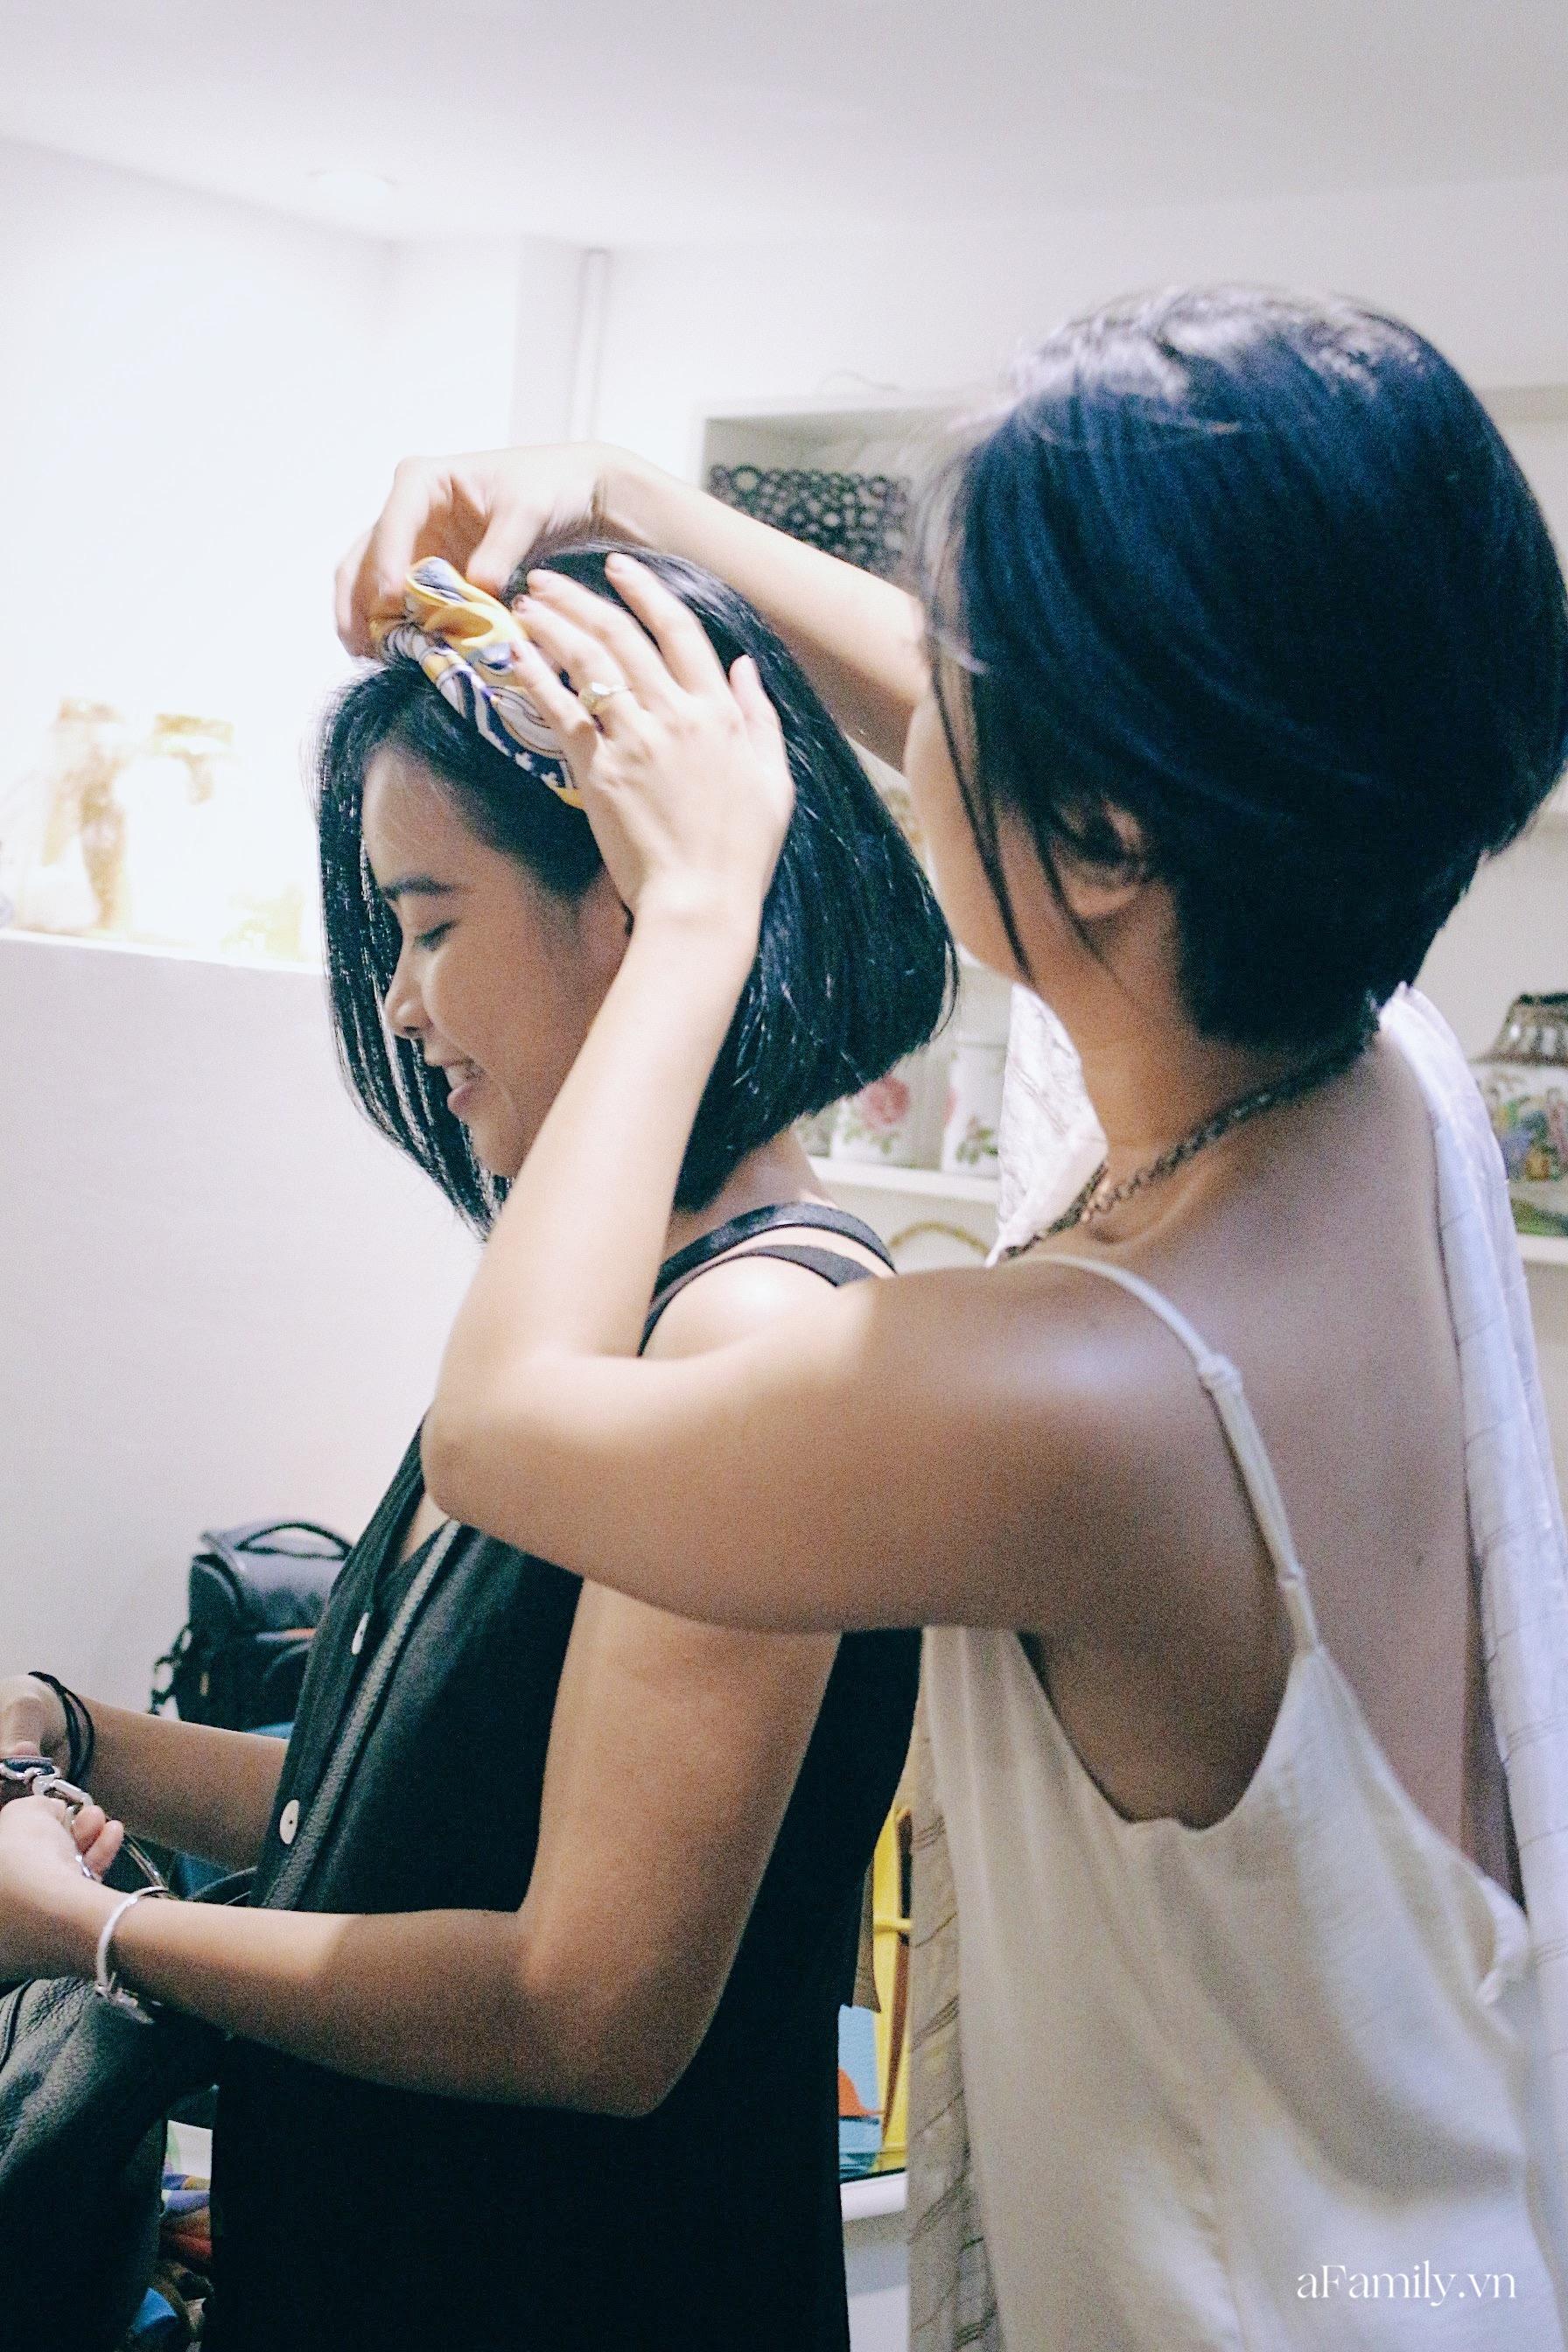 Từng làm việc với nhiều celeb hạng A, founder của thương hiệu ký gửi đồ second-hand cao cấp tại Sài Gòn chia sẻ chuyện có nên khởi nghiệp với nghề này: Nếu sợ ngã thì tốt nhất không nên liều - Ảnh 5.